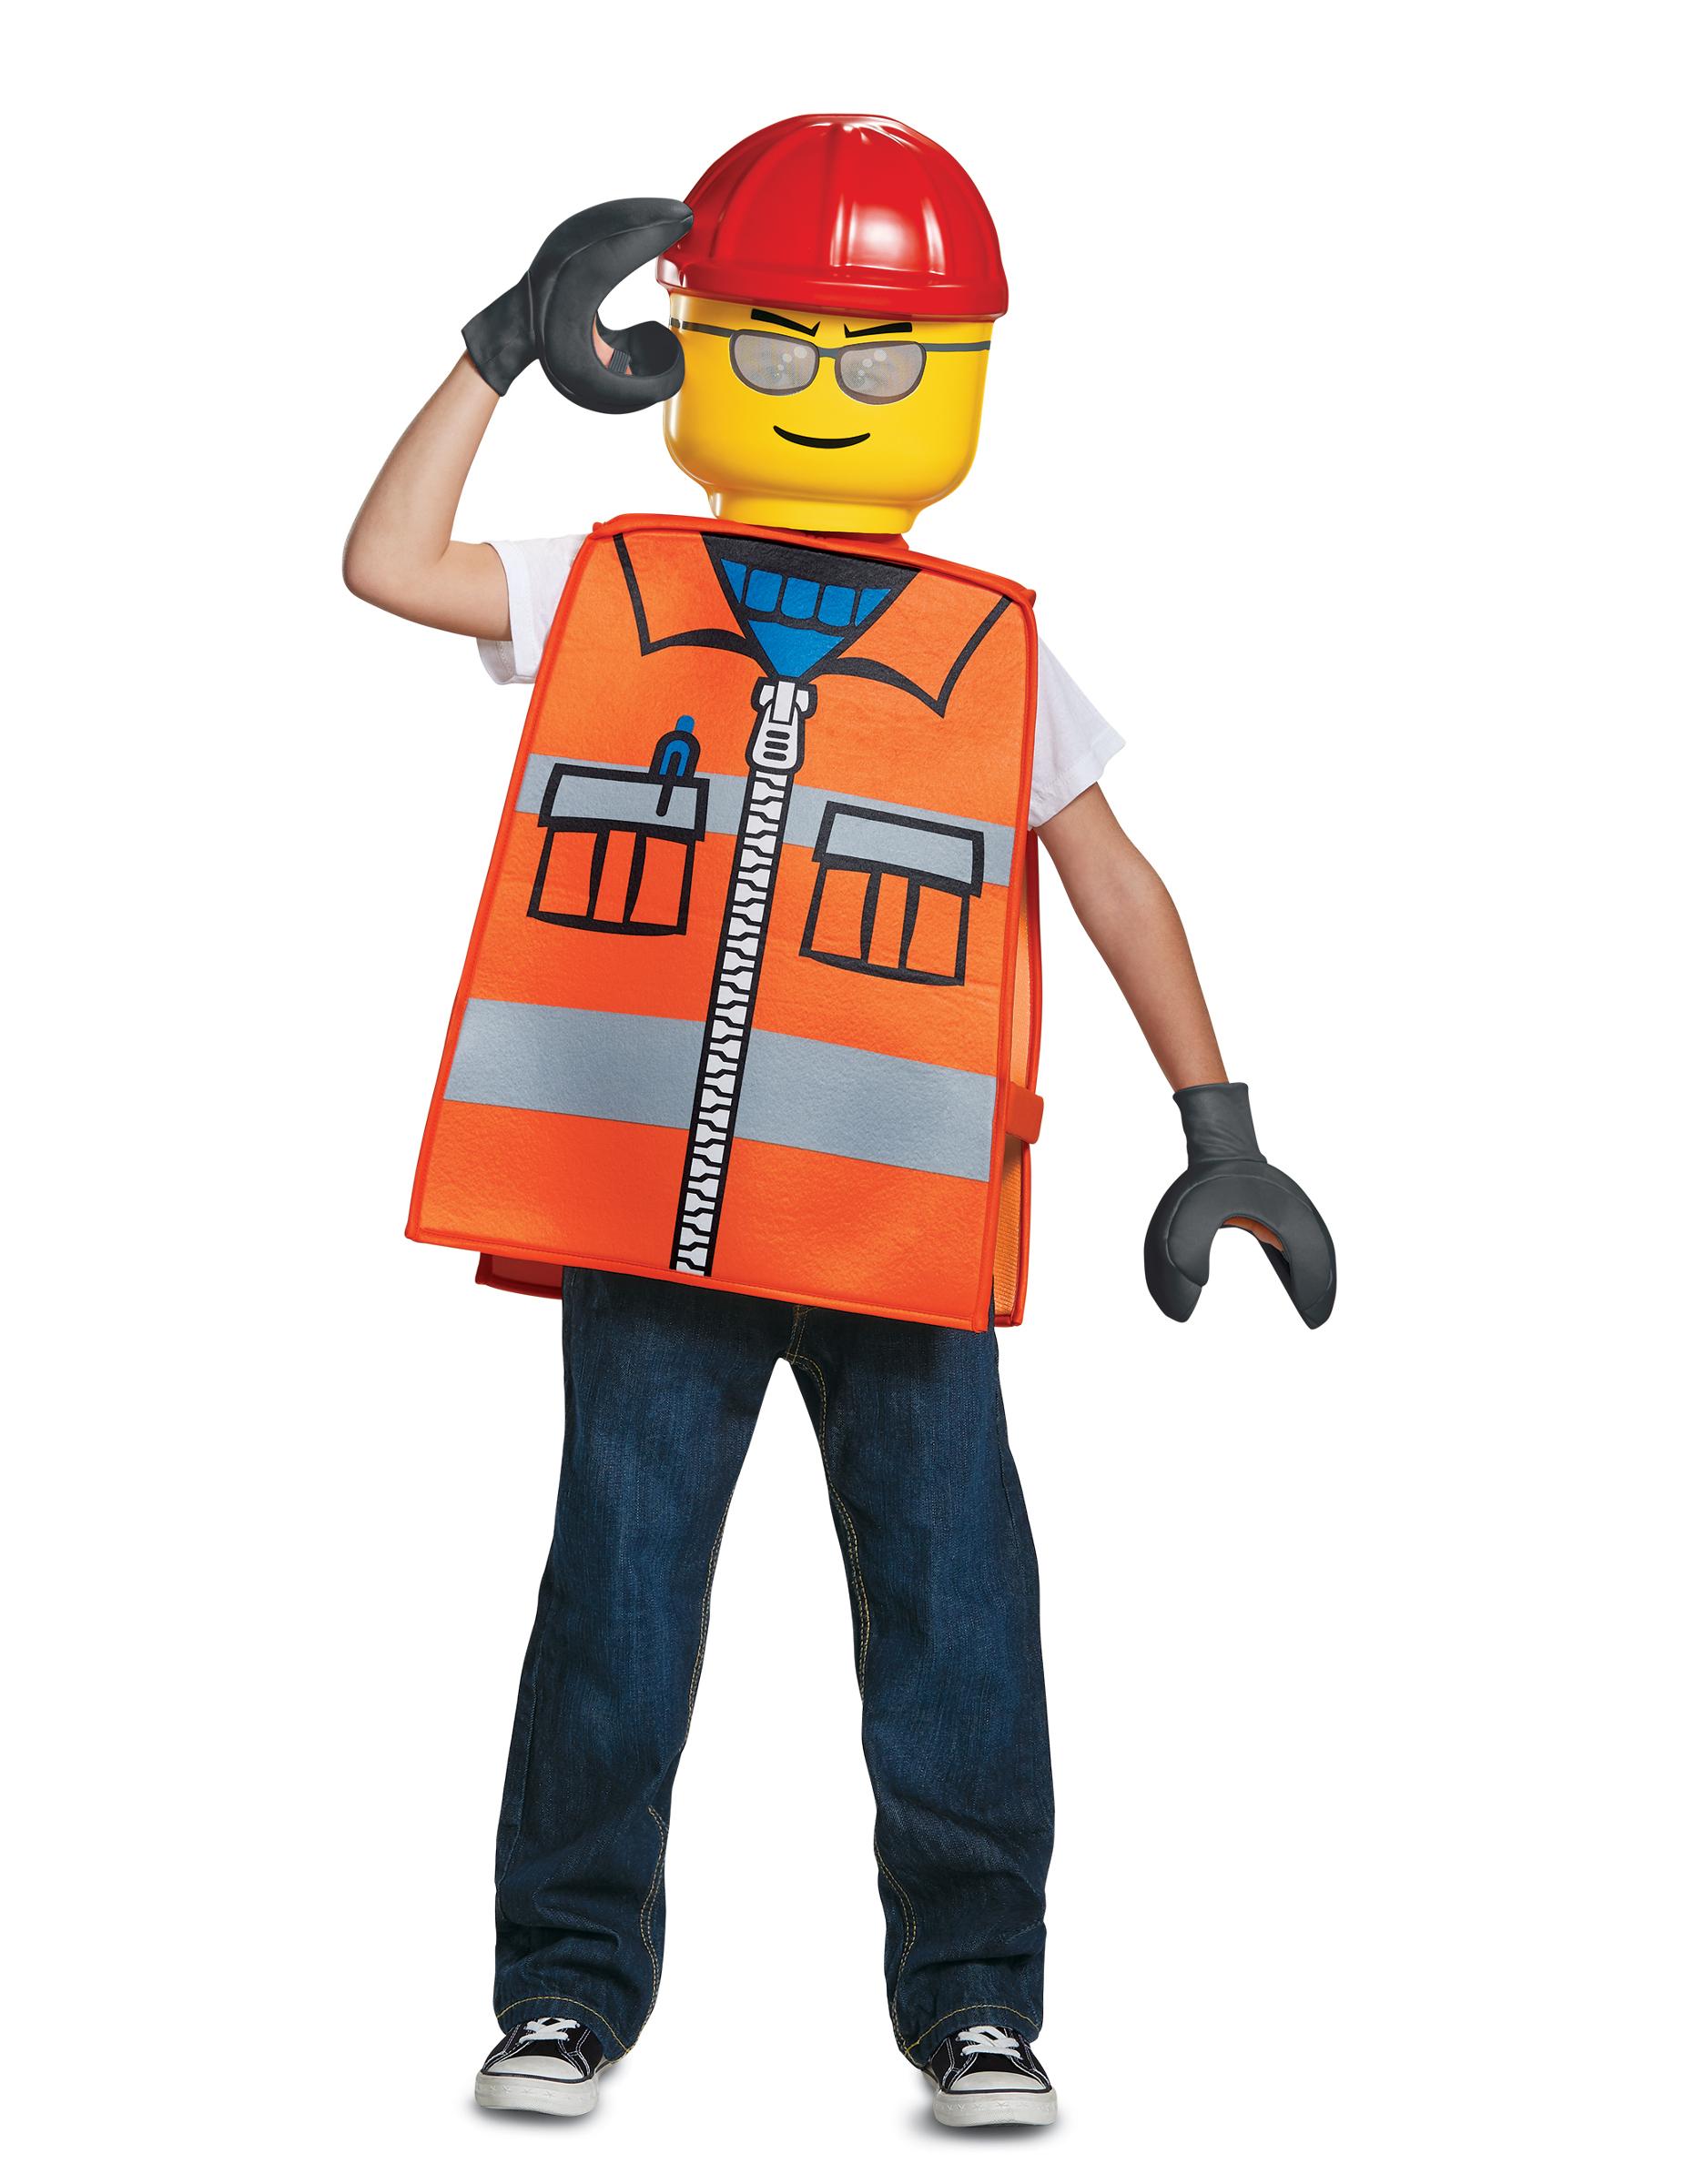 Lego Bauarbeiter Kostum Fur Kinder Karneval Orange Bunt Gunstige